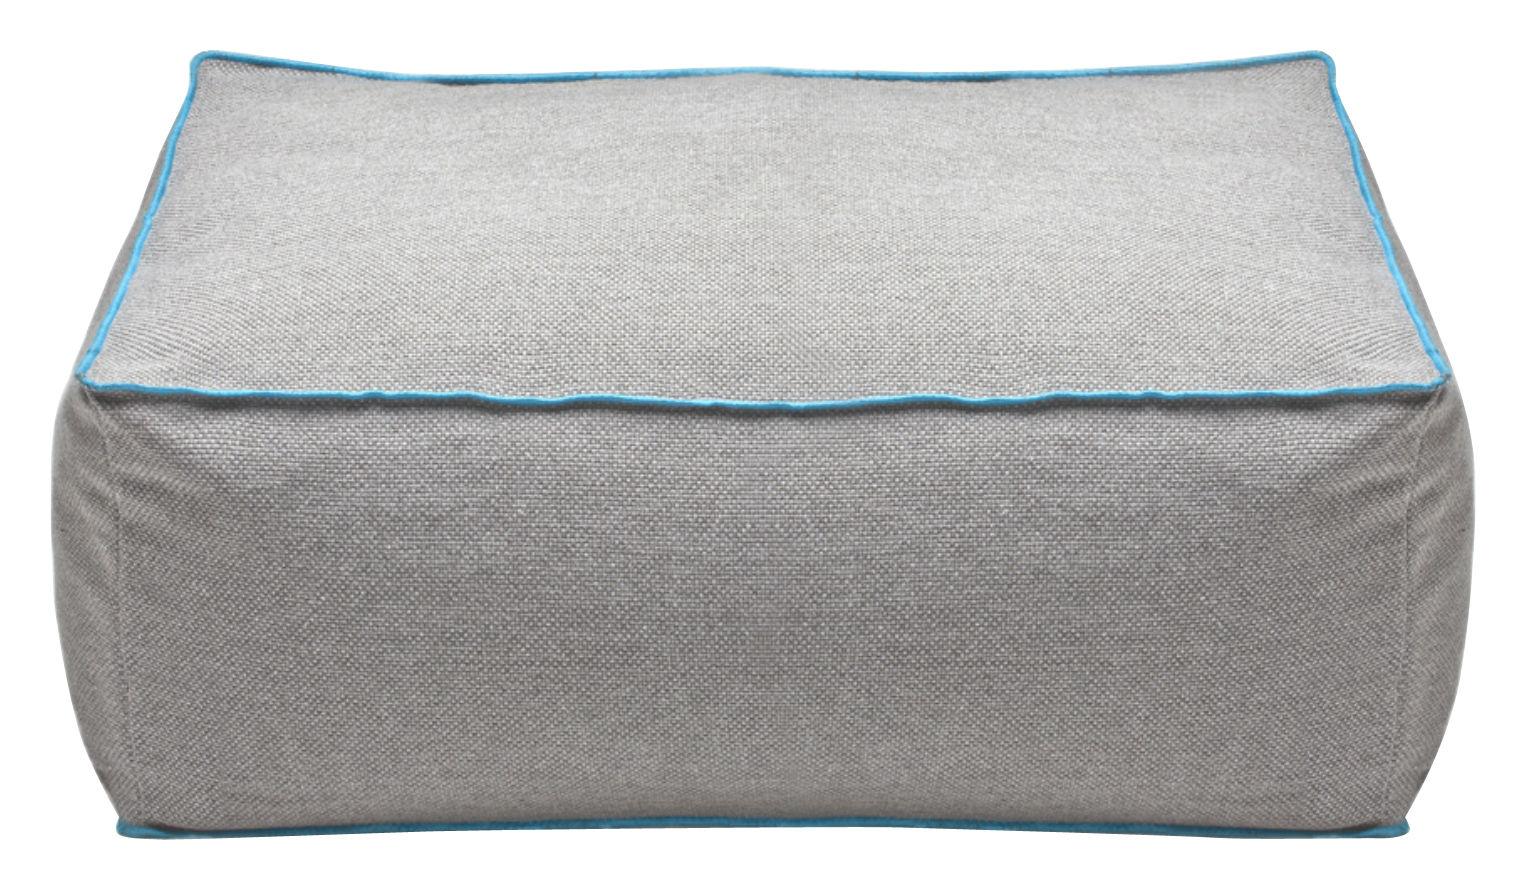 Mobilier - Poufs - Pouf Frollino tissu - Pour l'intérieur - Skitsch - Gris & liseré bleu - Fibre de polyester, Tissu